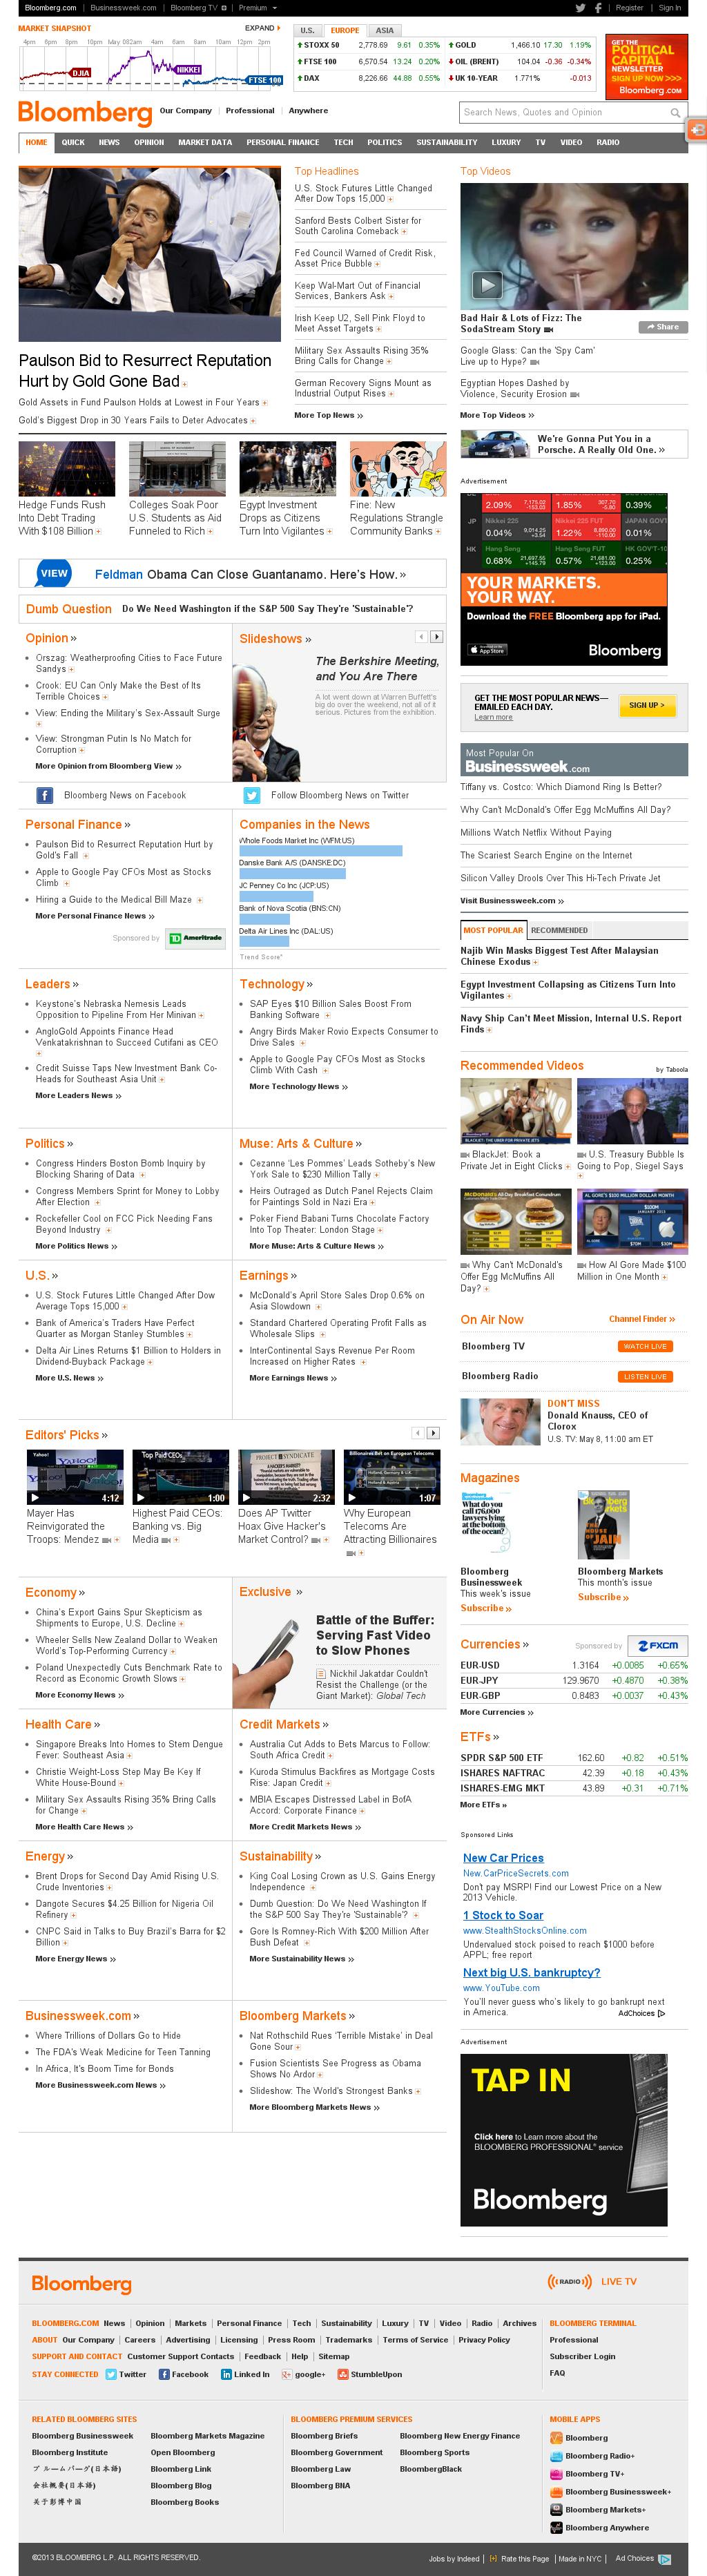 Bloomberg at Wednesday May 8, 2013, 1:02 p.m. UTC